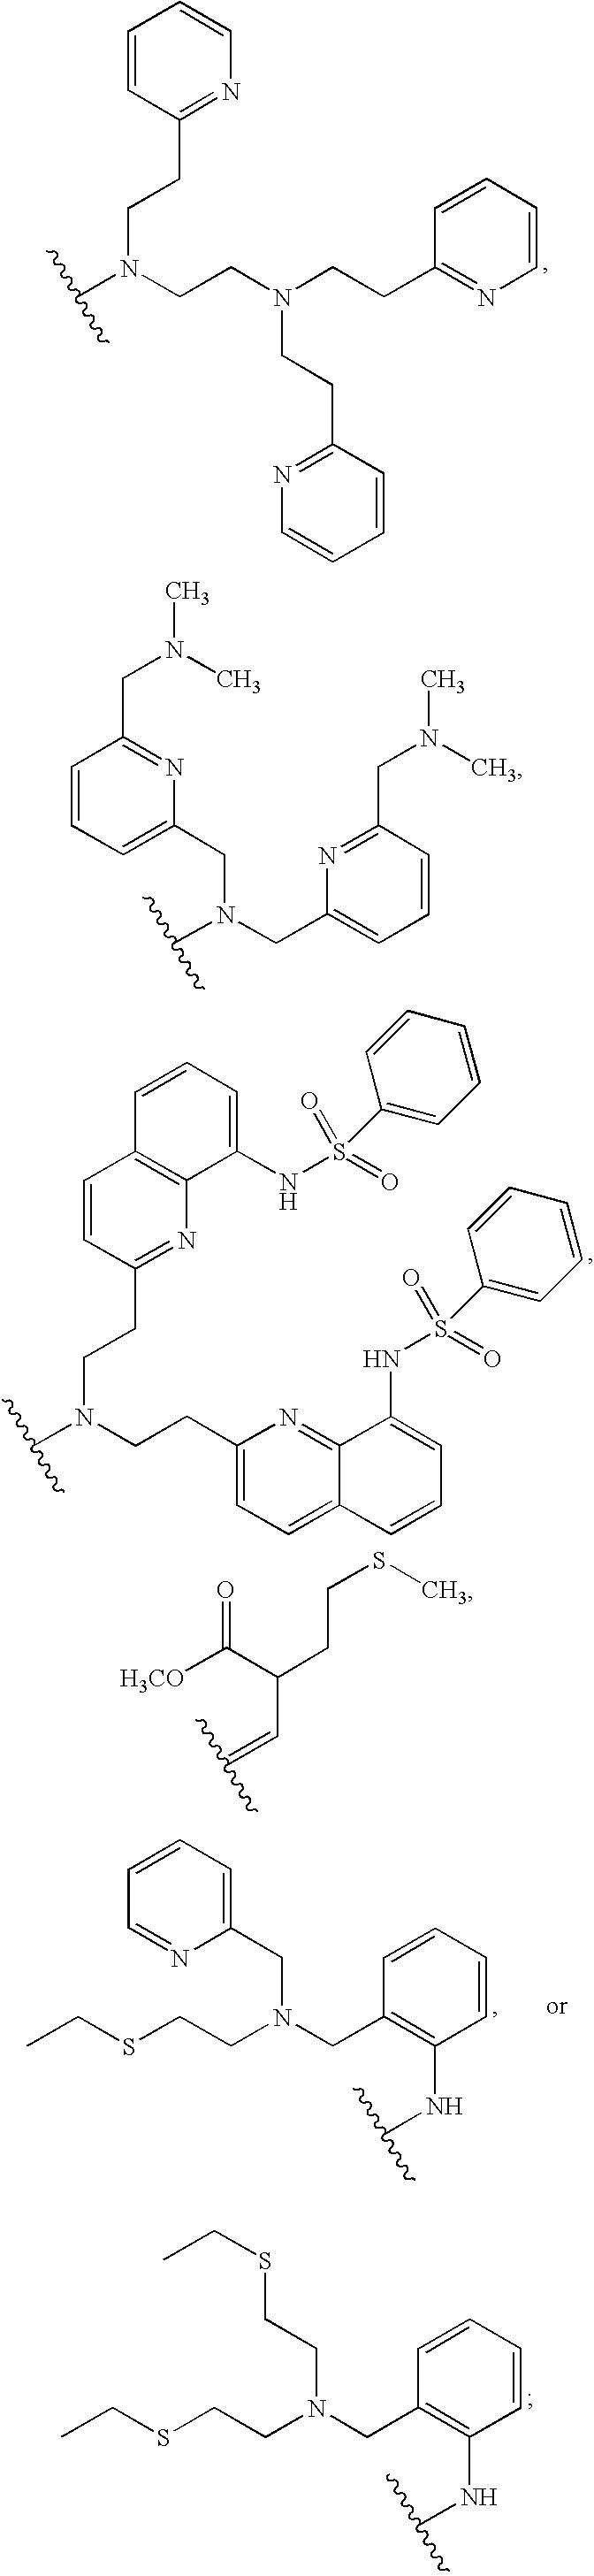 Figure US07488820-20090210-C00029